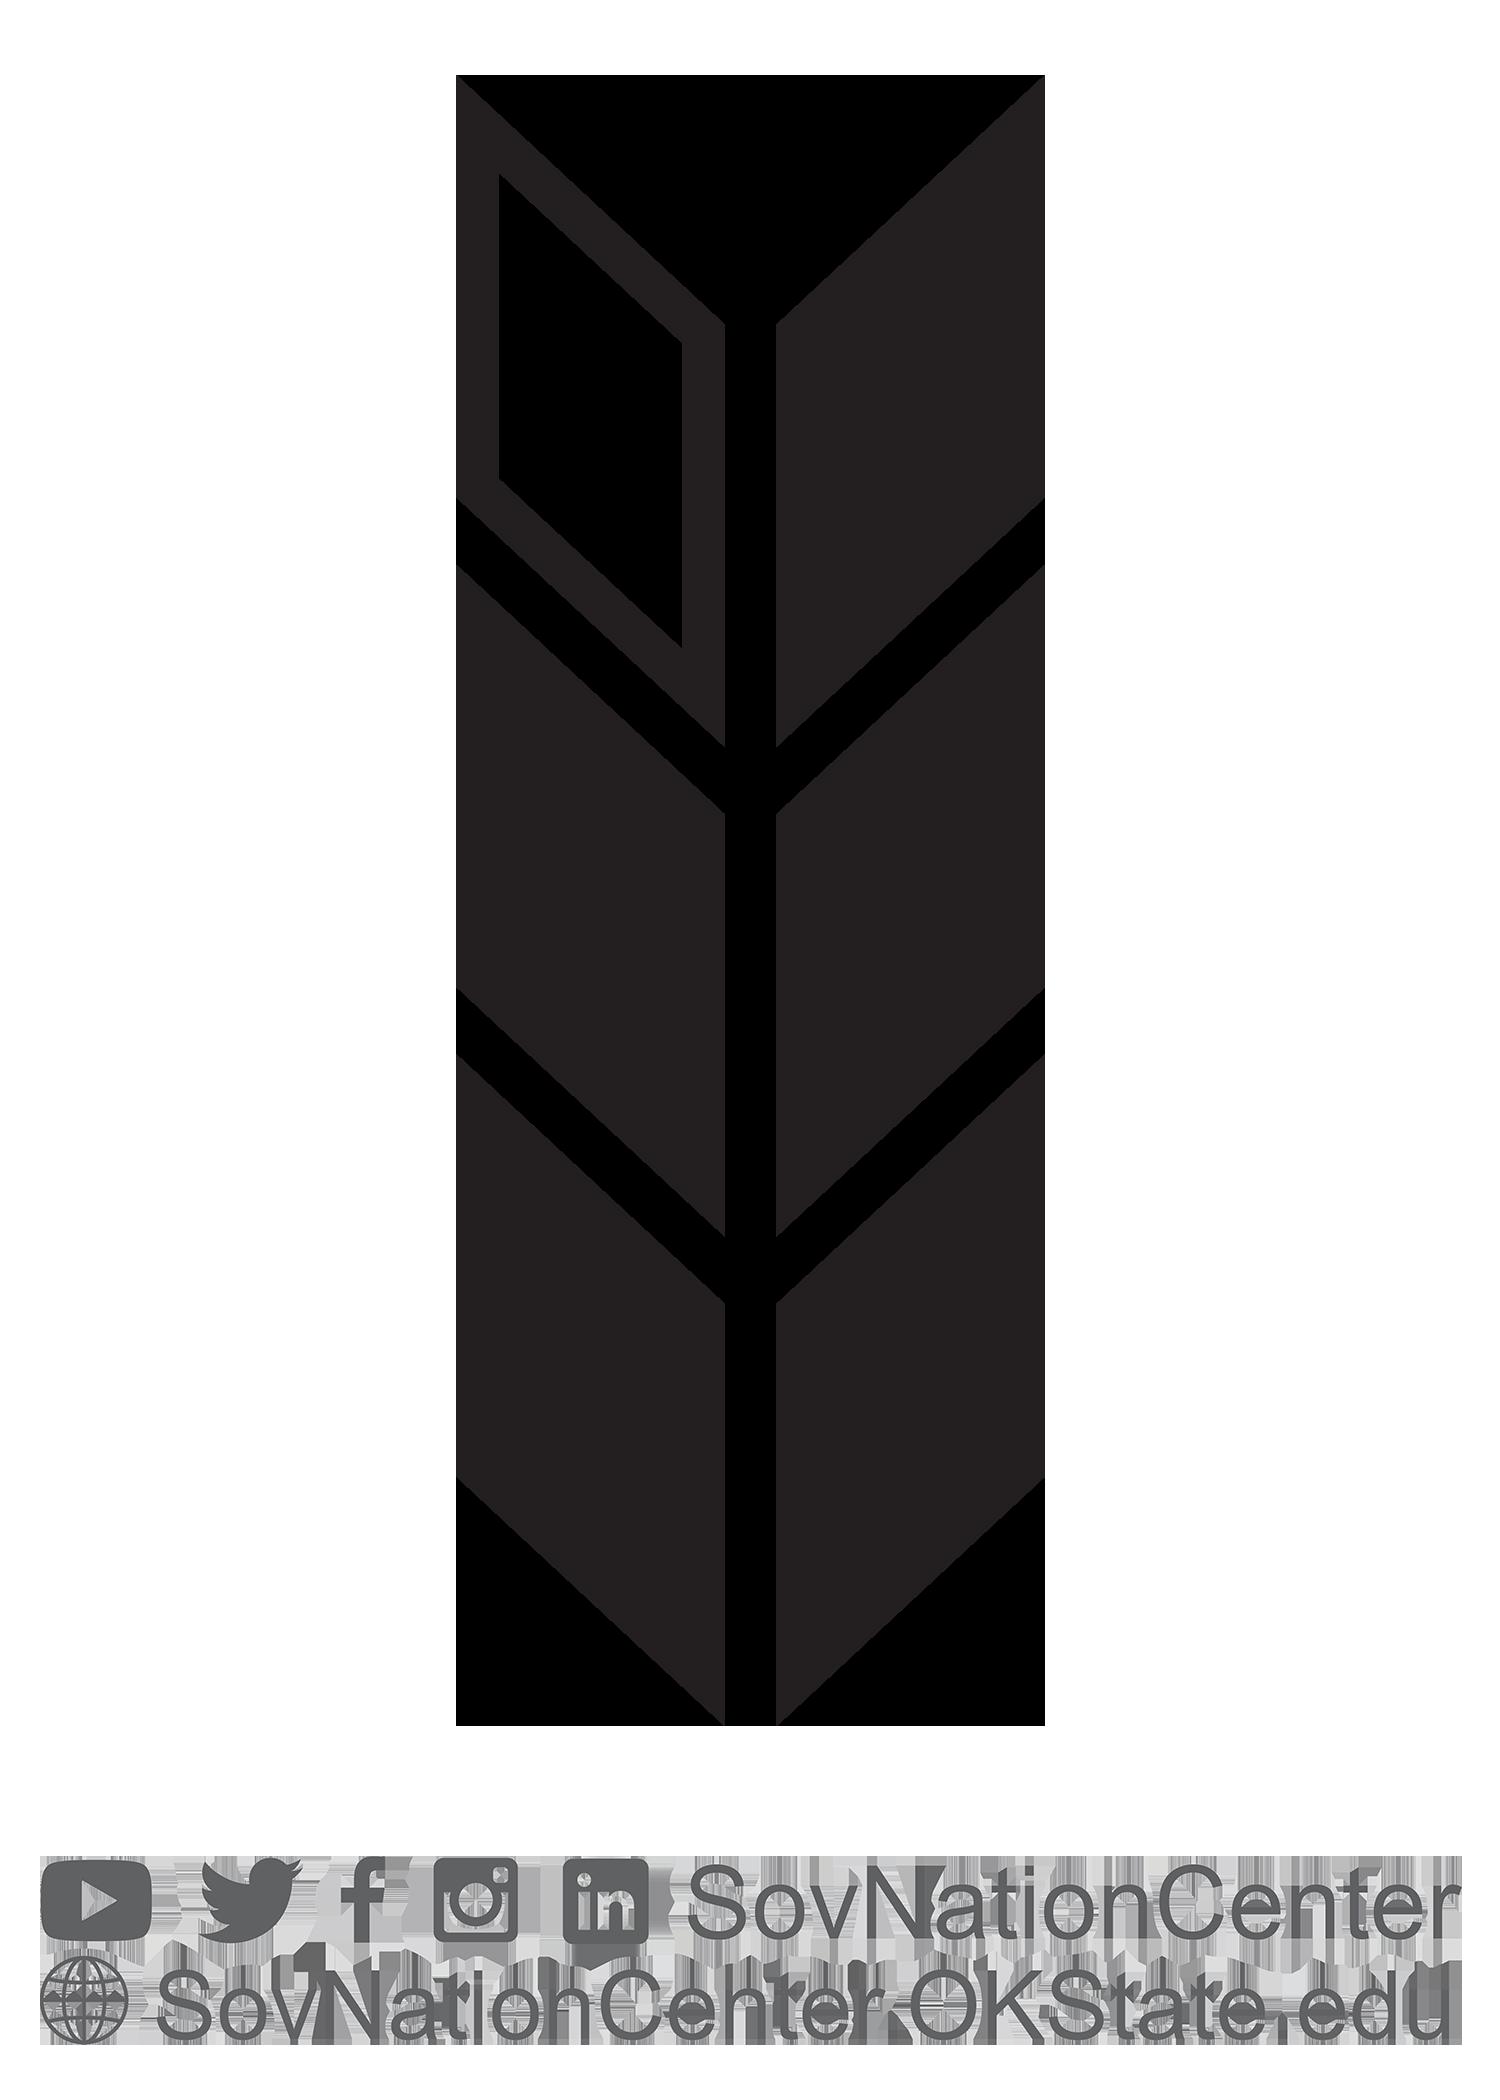 Center for Sovereign Nations logo